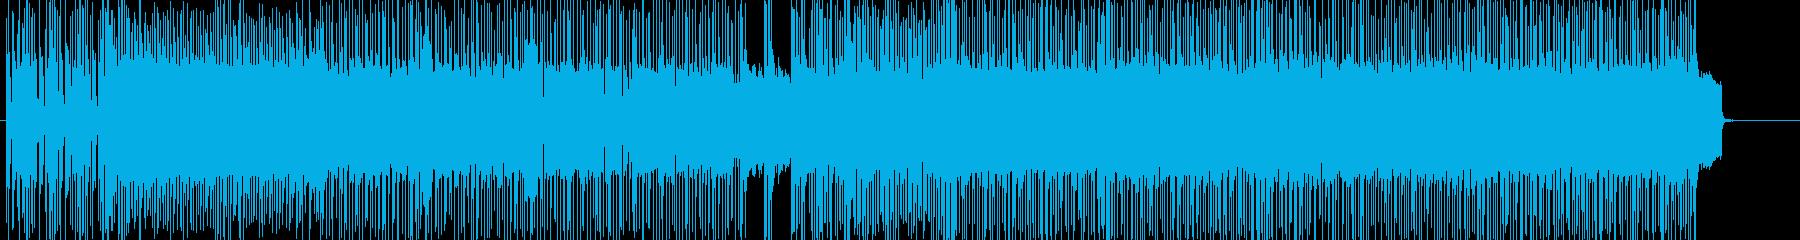 ハードロック、ダーク、パワー BGM42の再生済みの波形